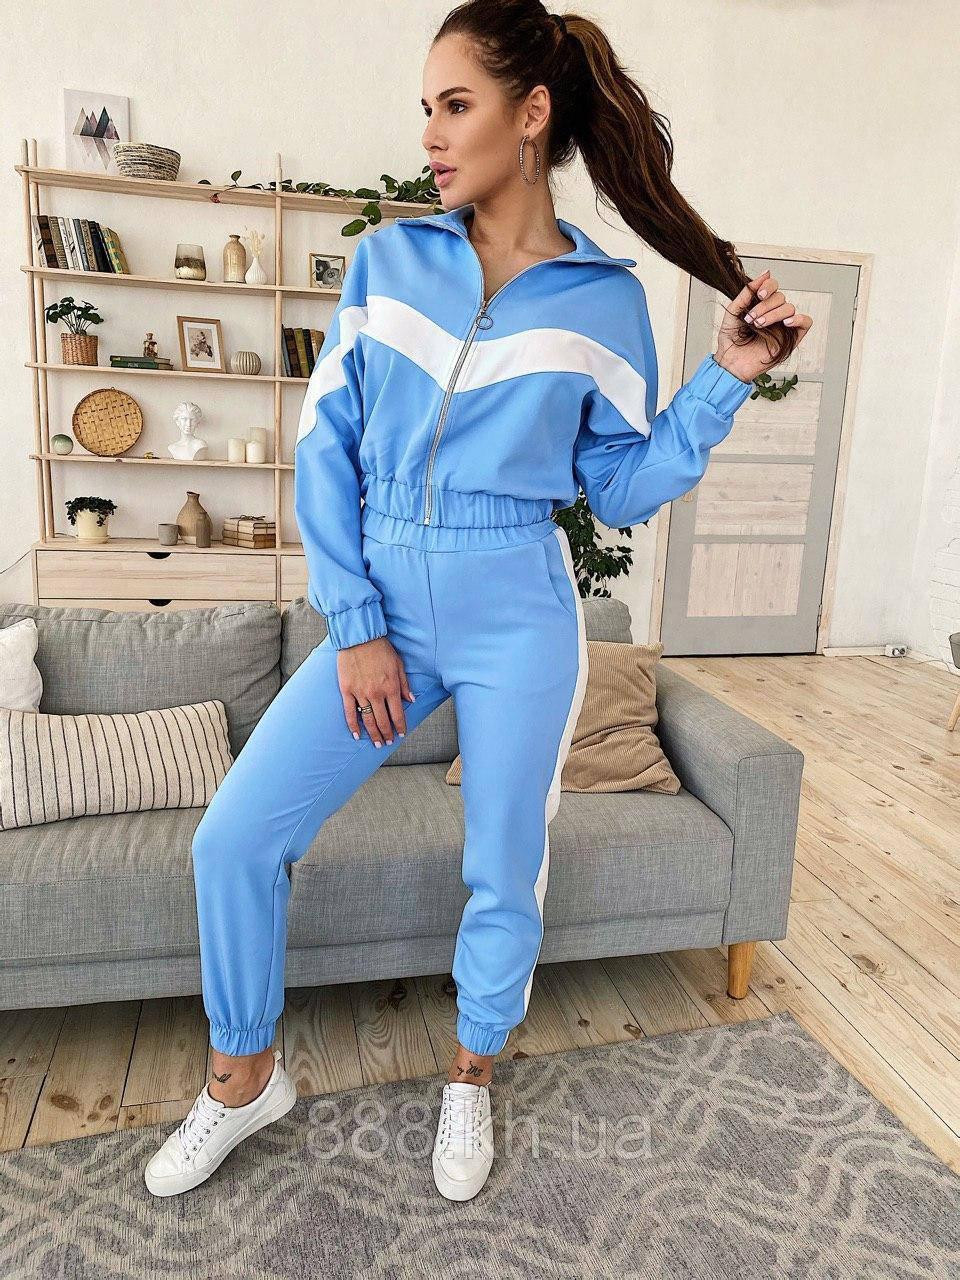 Стильный голубой комплект из костюмной ткани в стиле спорт-шик. S/M/L